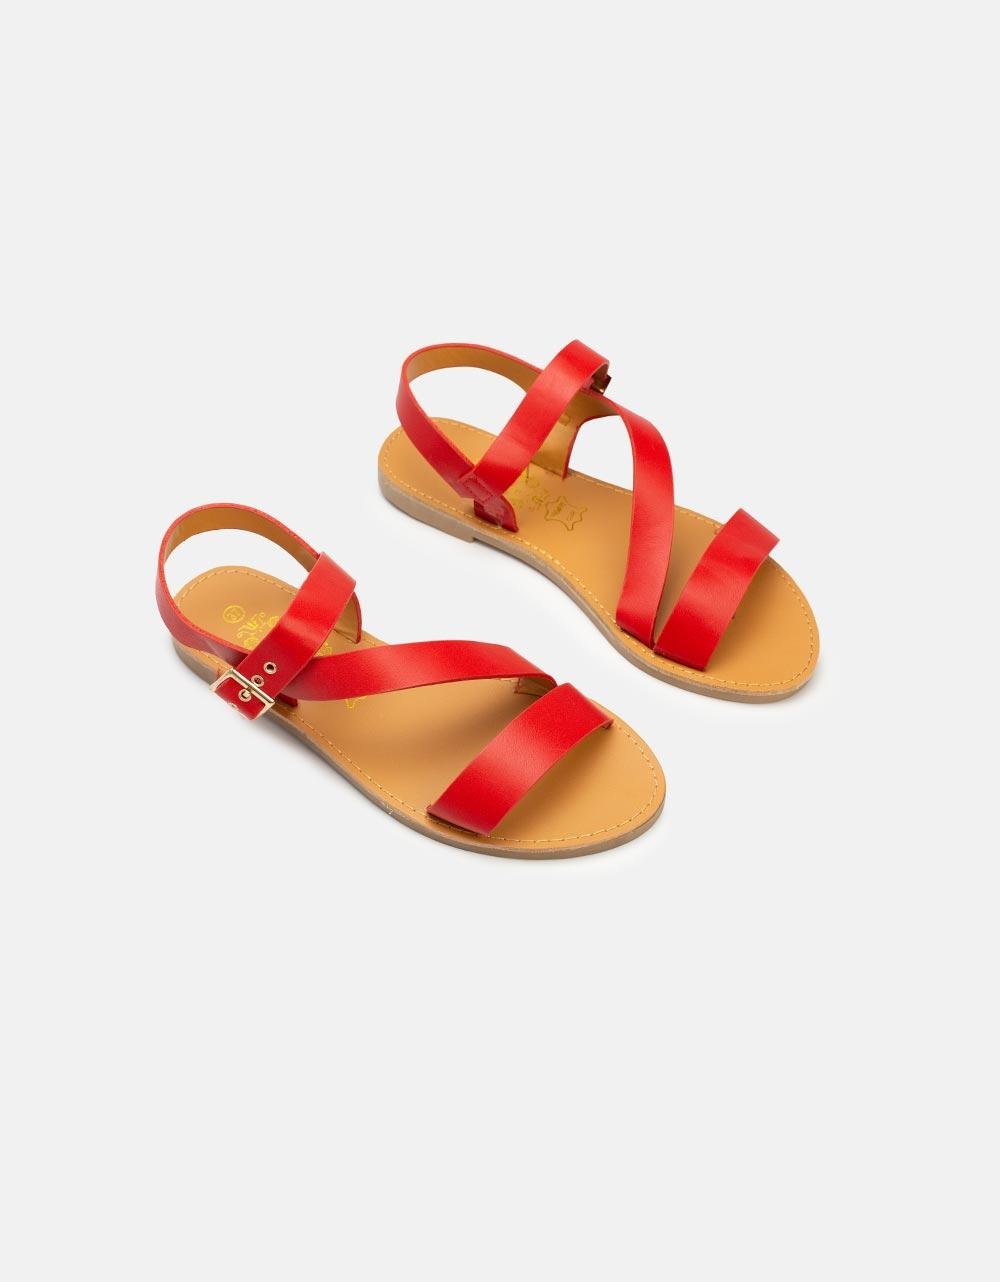 Εικόνα από Γυναικεία σανδάλια μονόχρωμα Κόκκινο